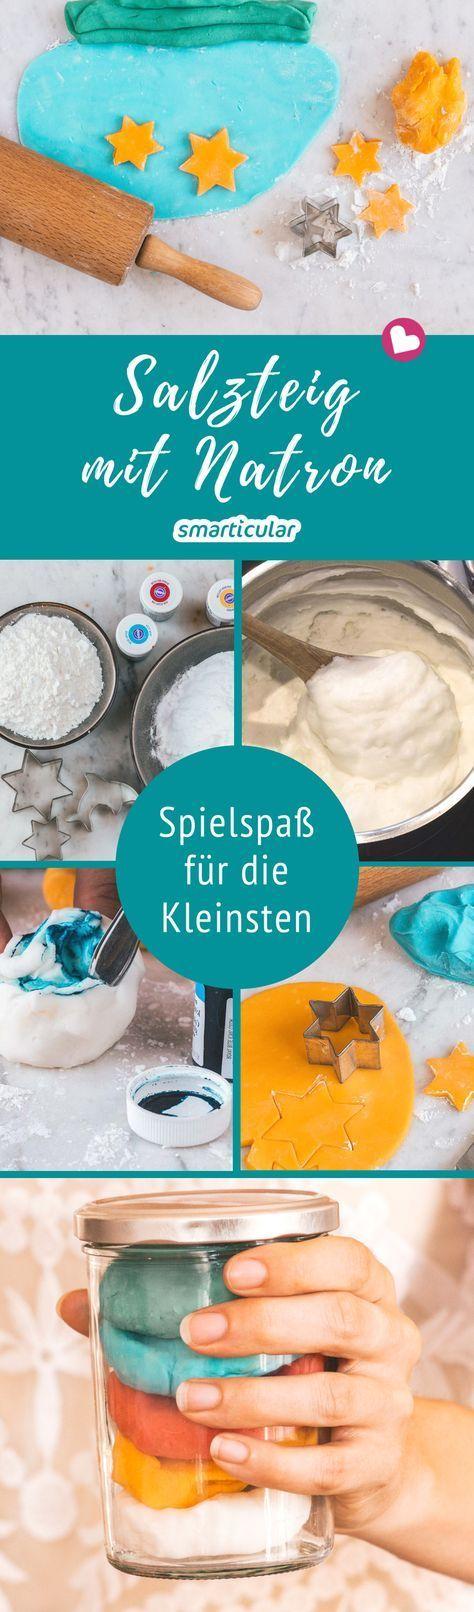 Fast wie Porzellan: Salzteig-Alternative mit Natron herstellen